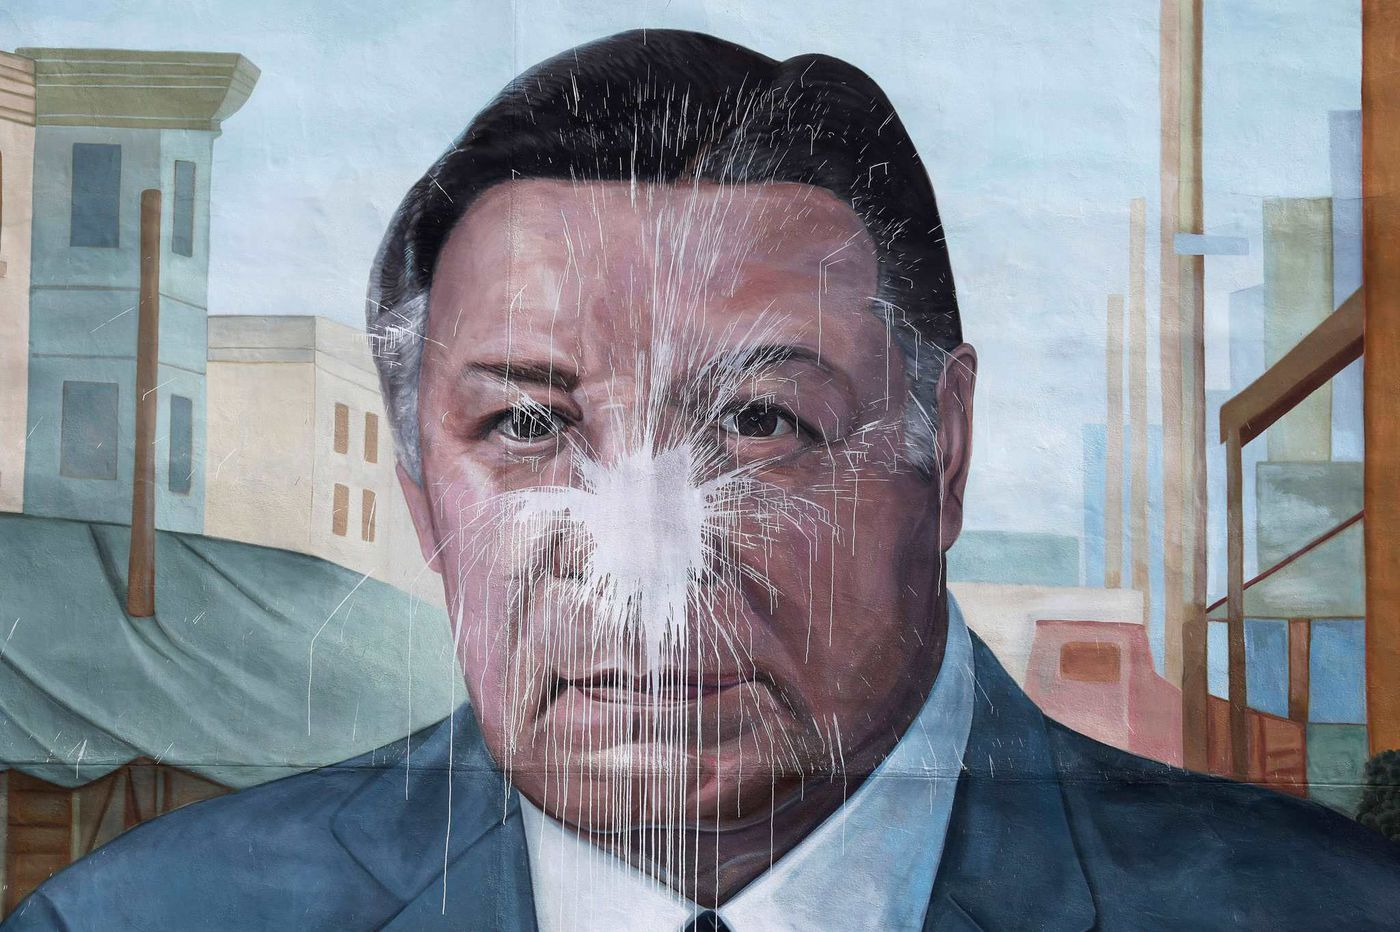 Why Philadelphia's murals are not vandalized more often